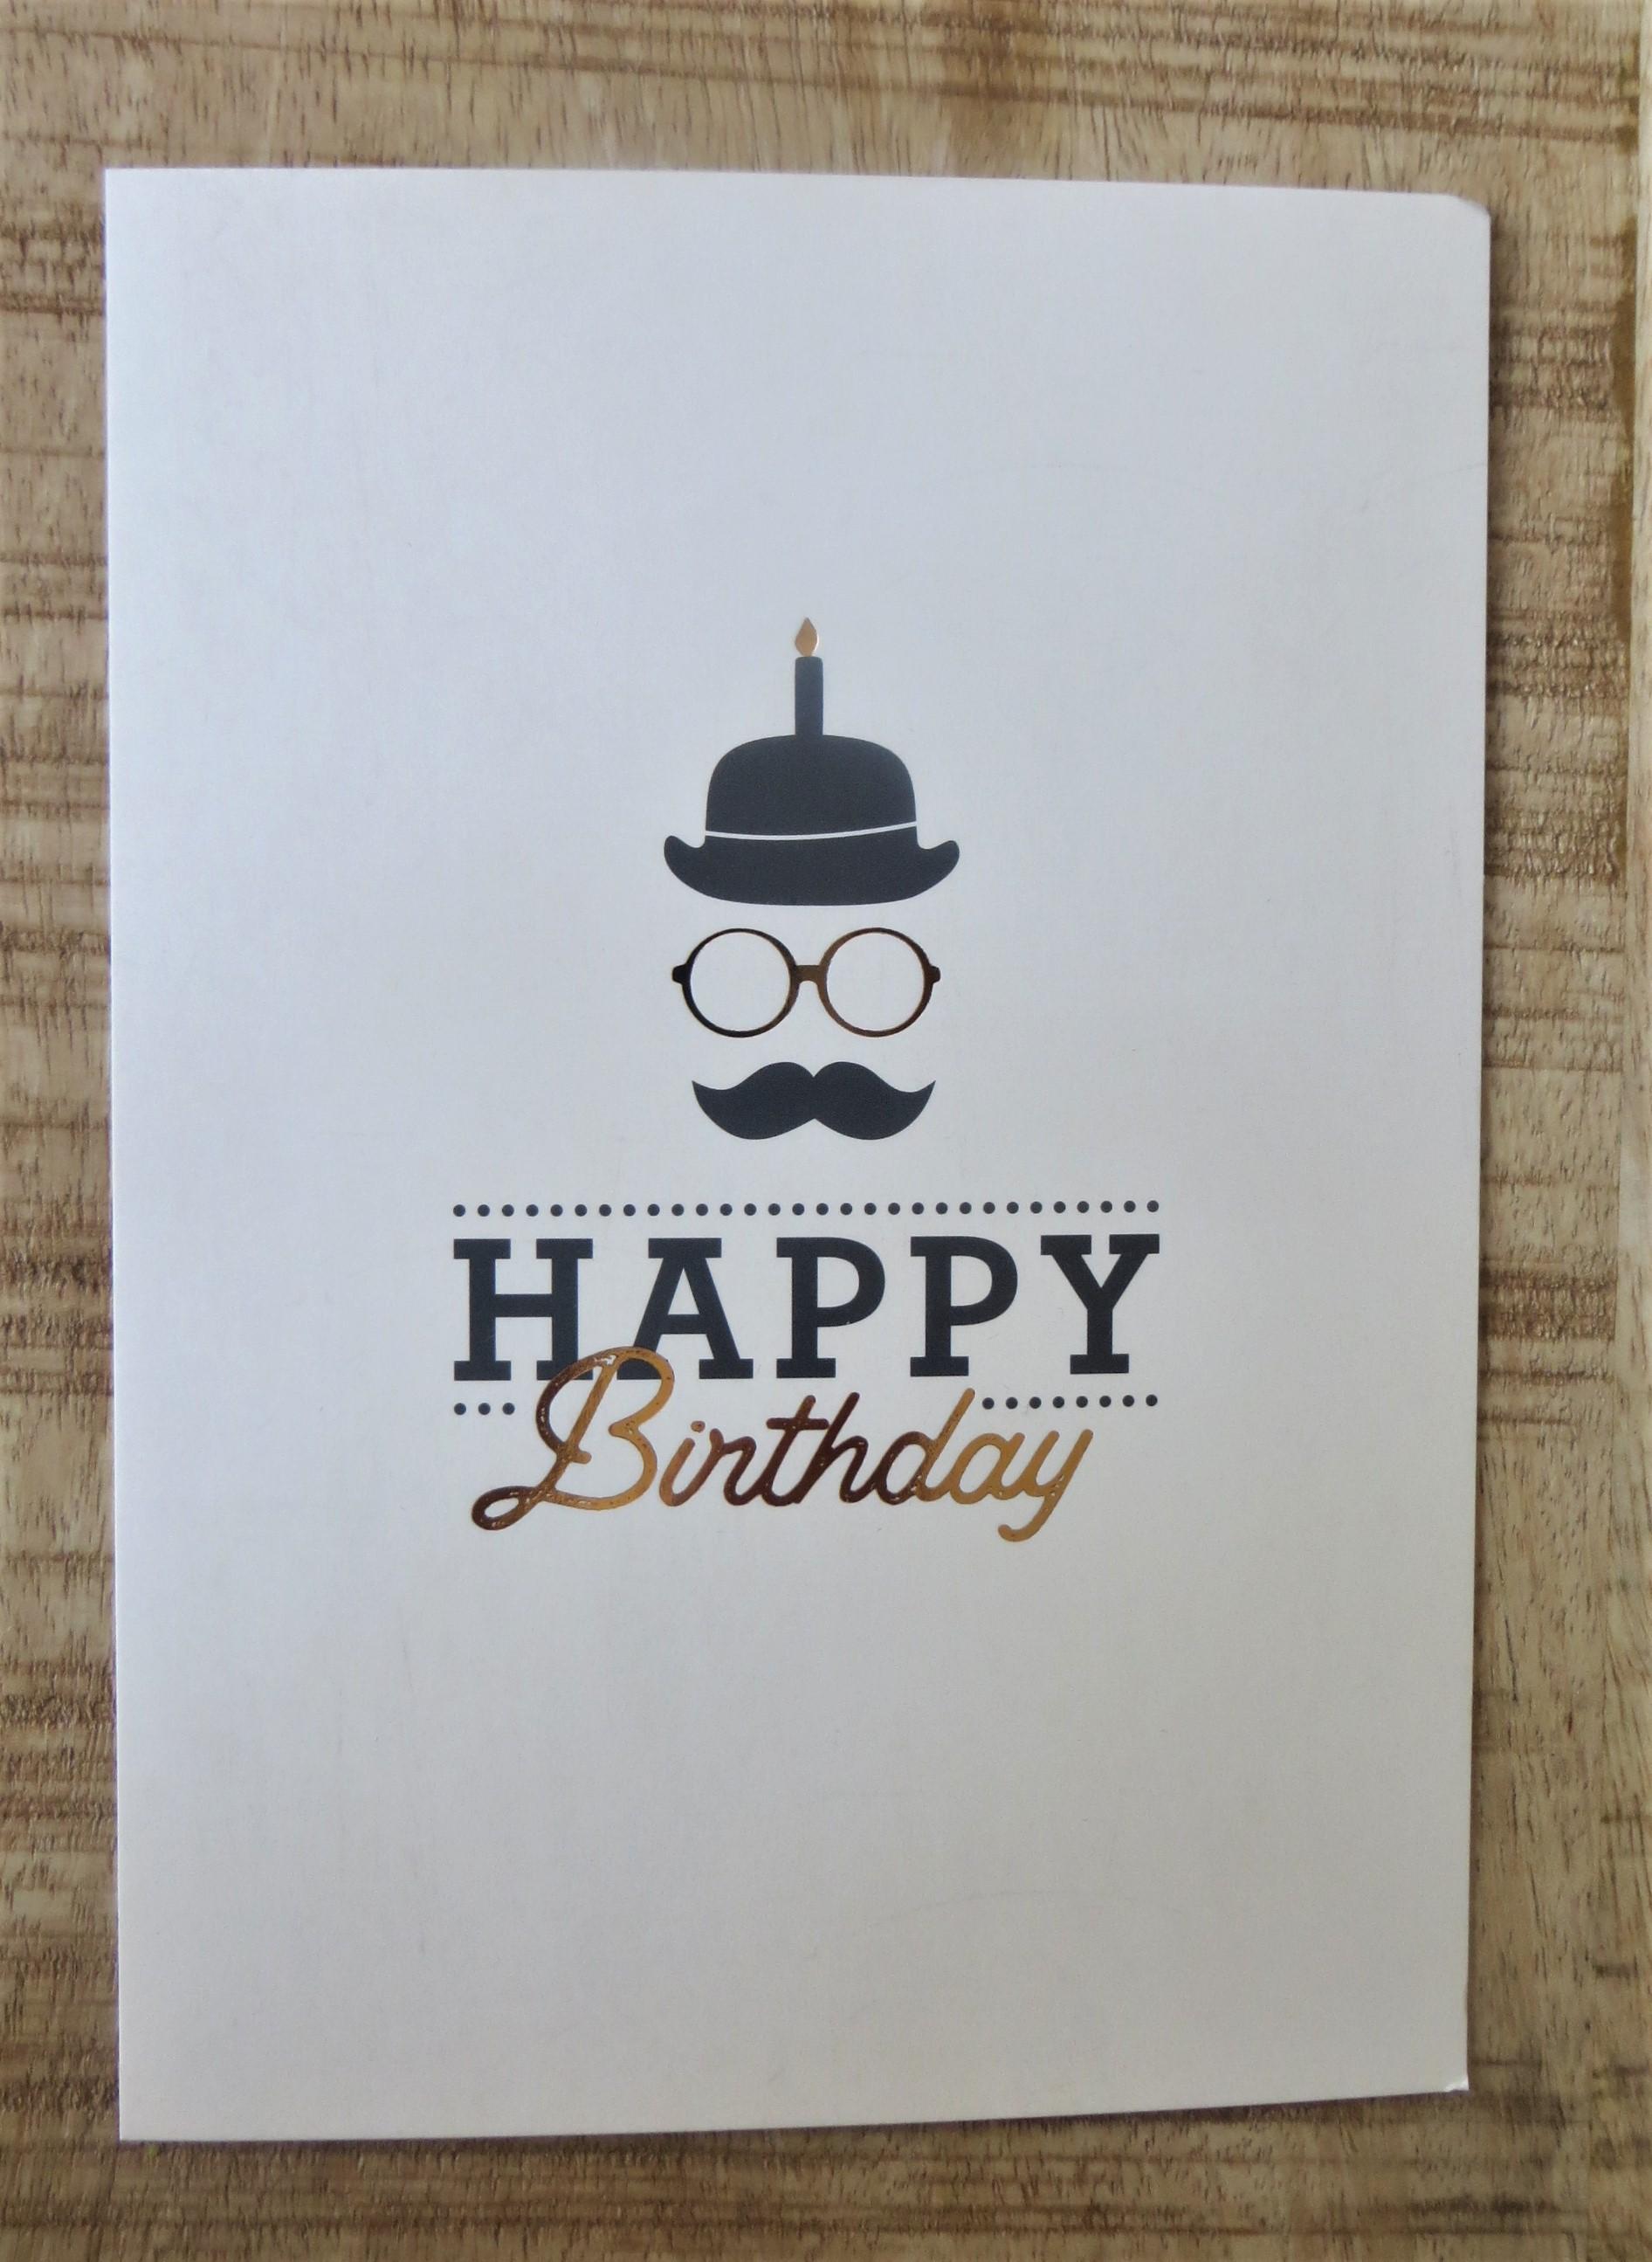 Nützlichgrusskarten - Postkarte Happy birthday VintageArt - Onlineshop Tante Emmer